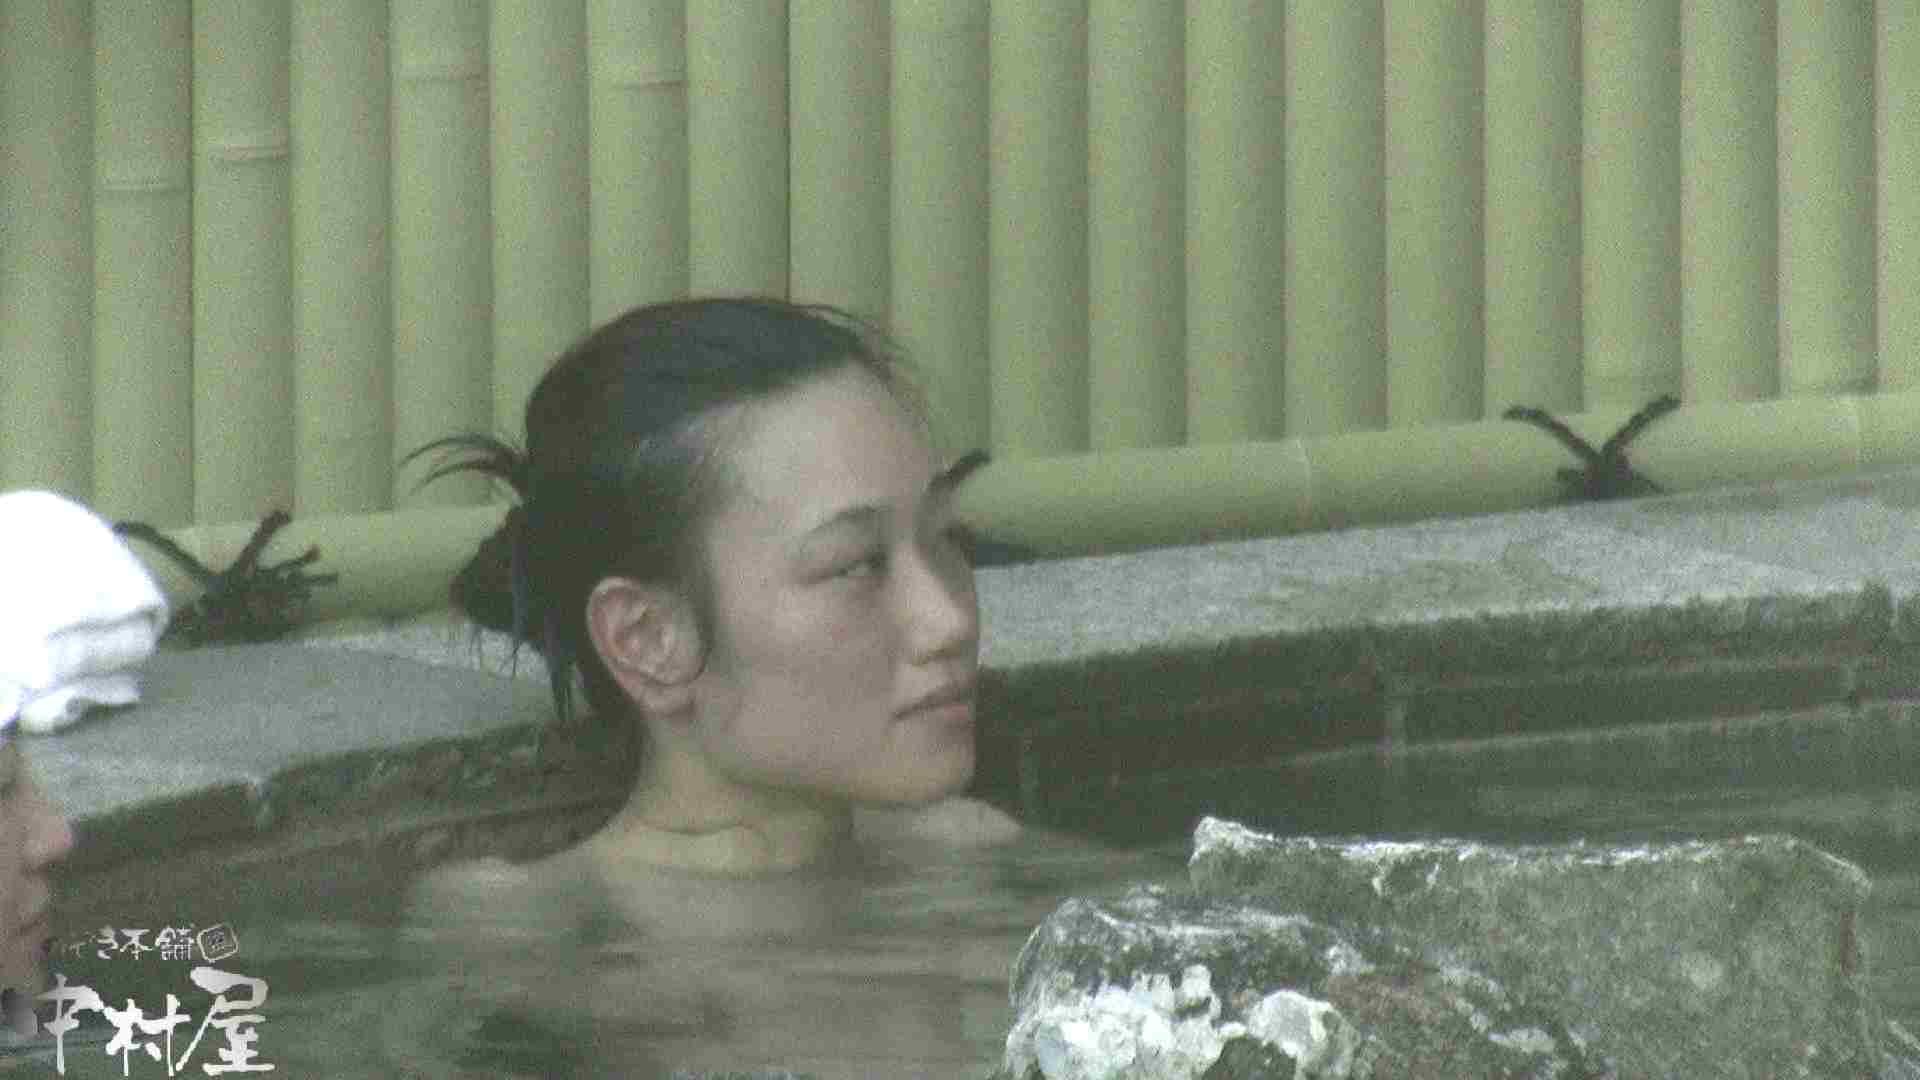 Aquaな露天風呂Vol.914 露天 | 盗撮  98pic 84